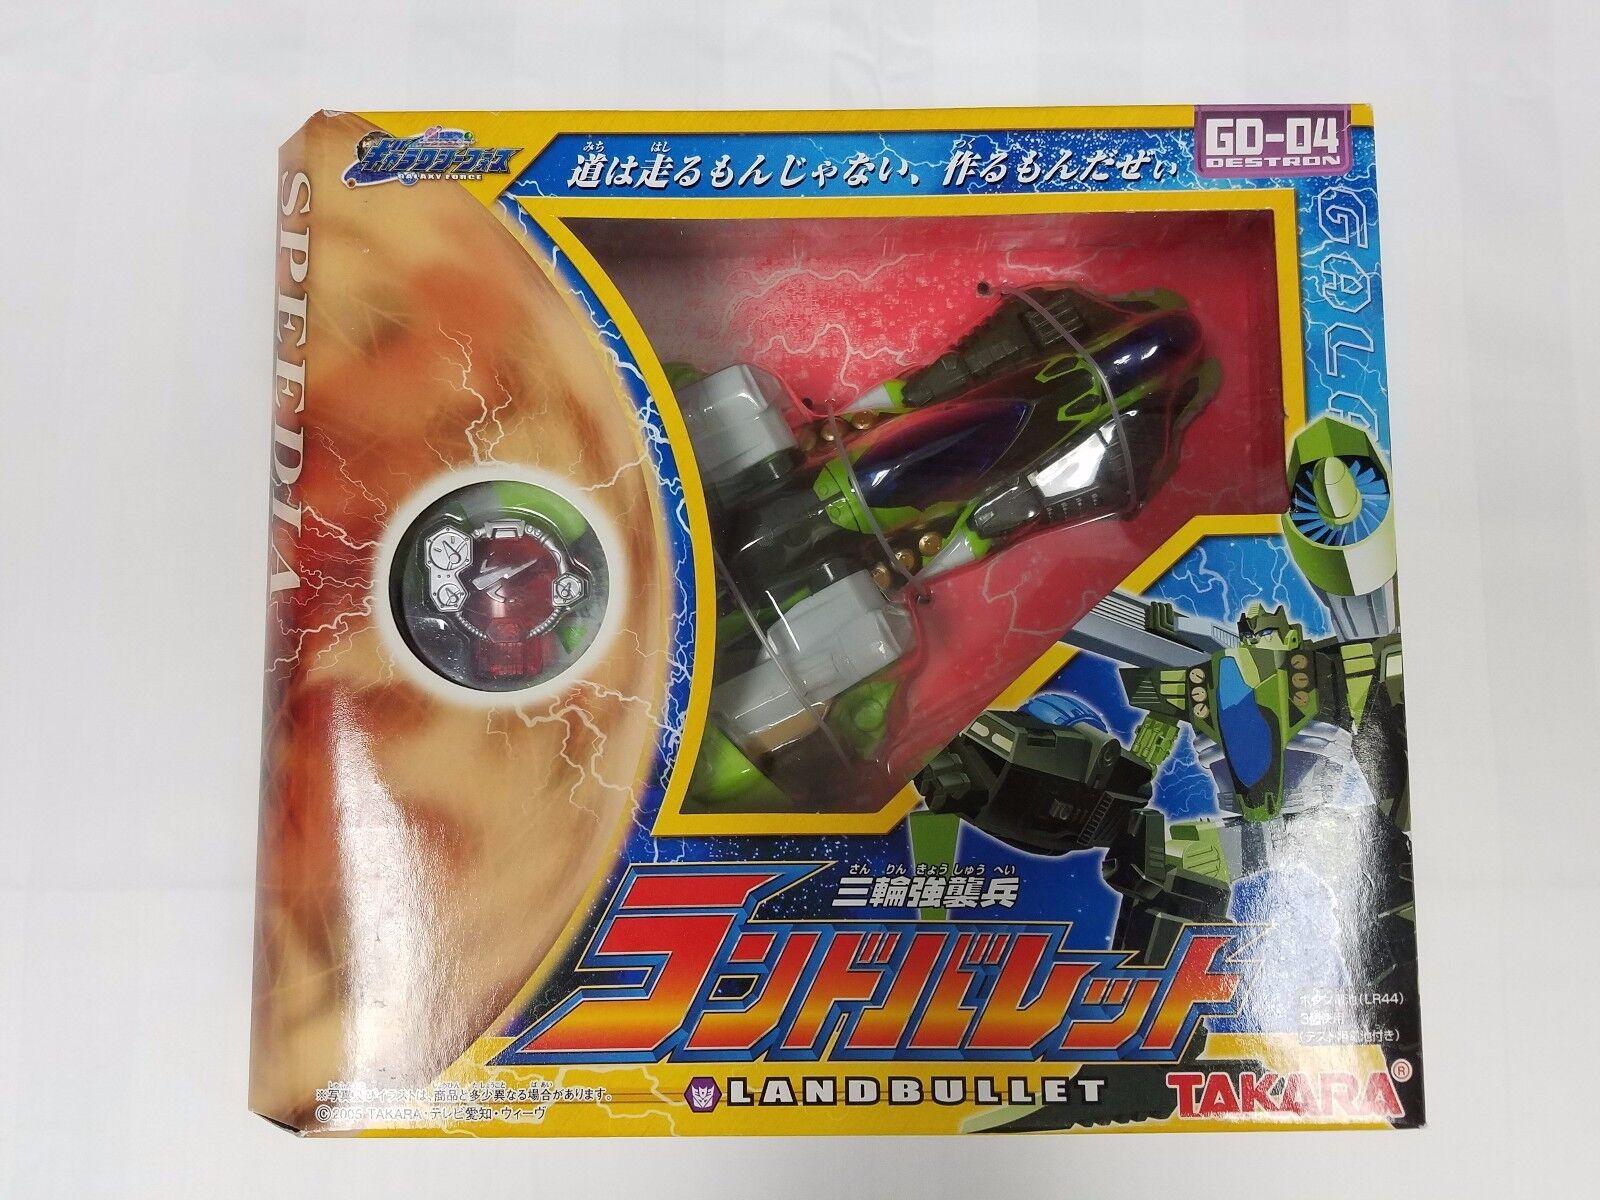 Die galaxie kraft land kugel destron gd-04 takara - misb